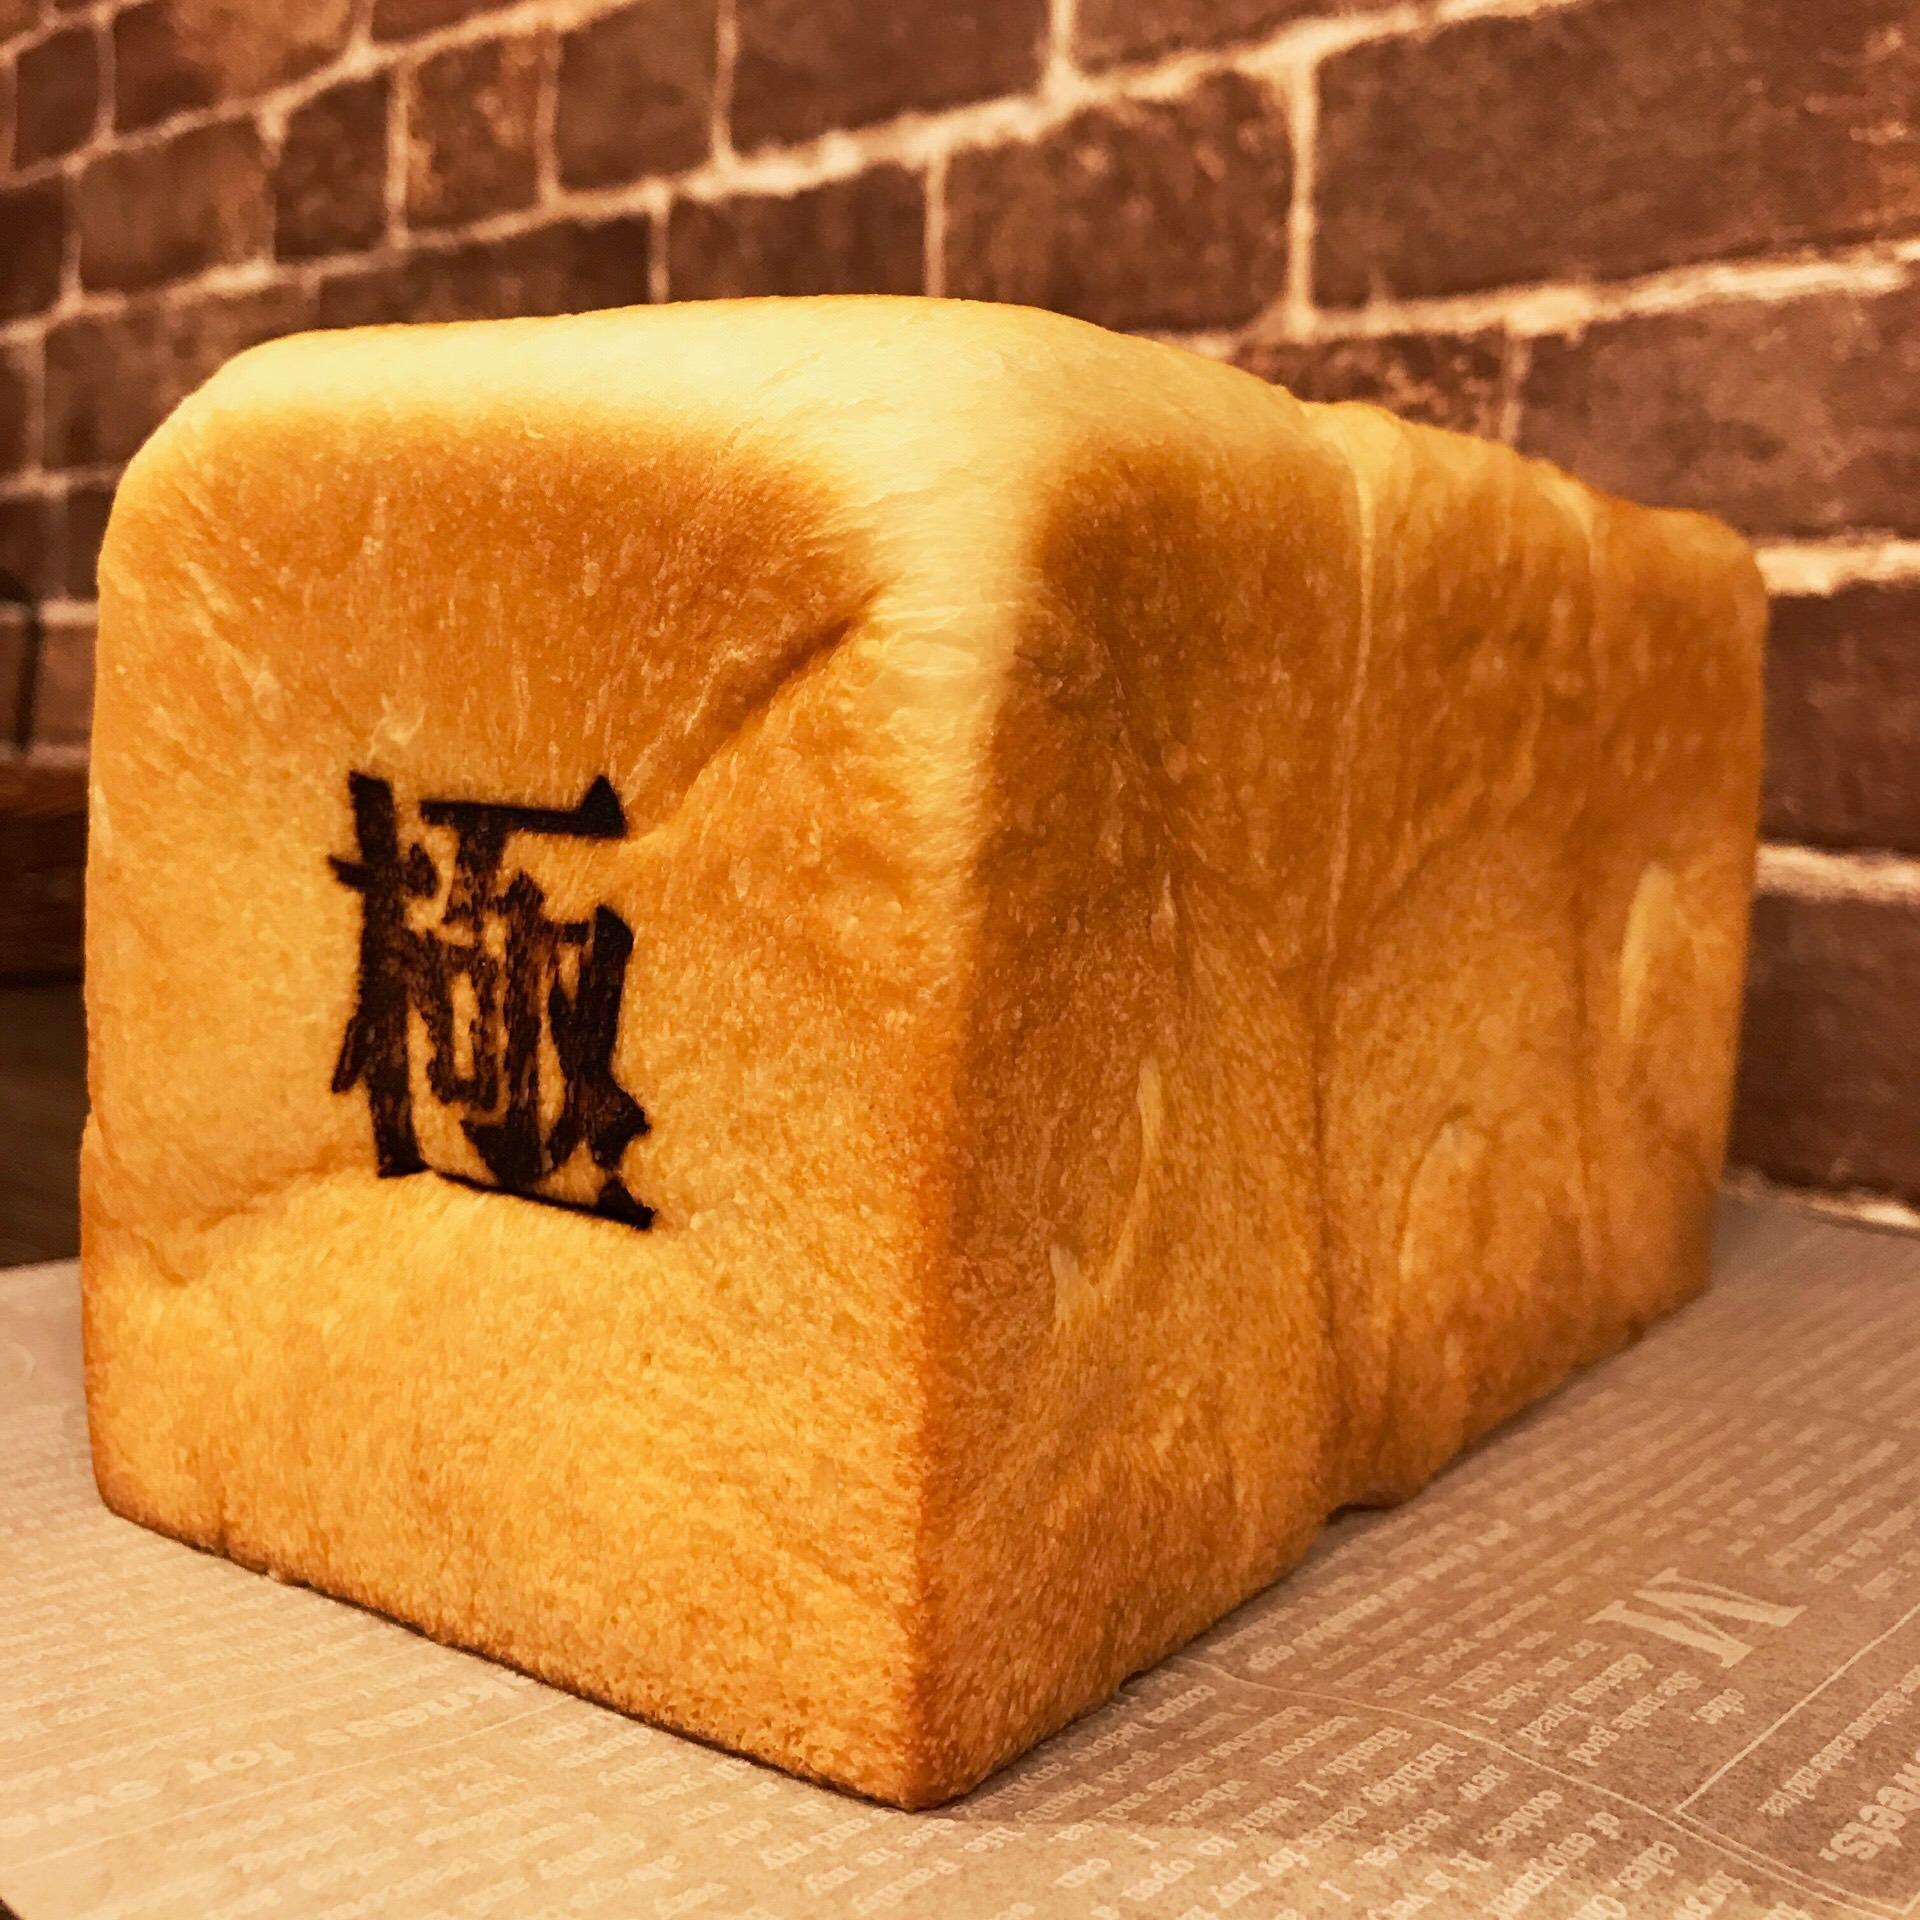 小麦庵 最高級食パン「極」